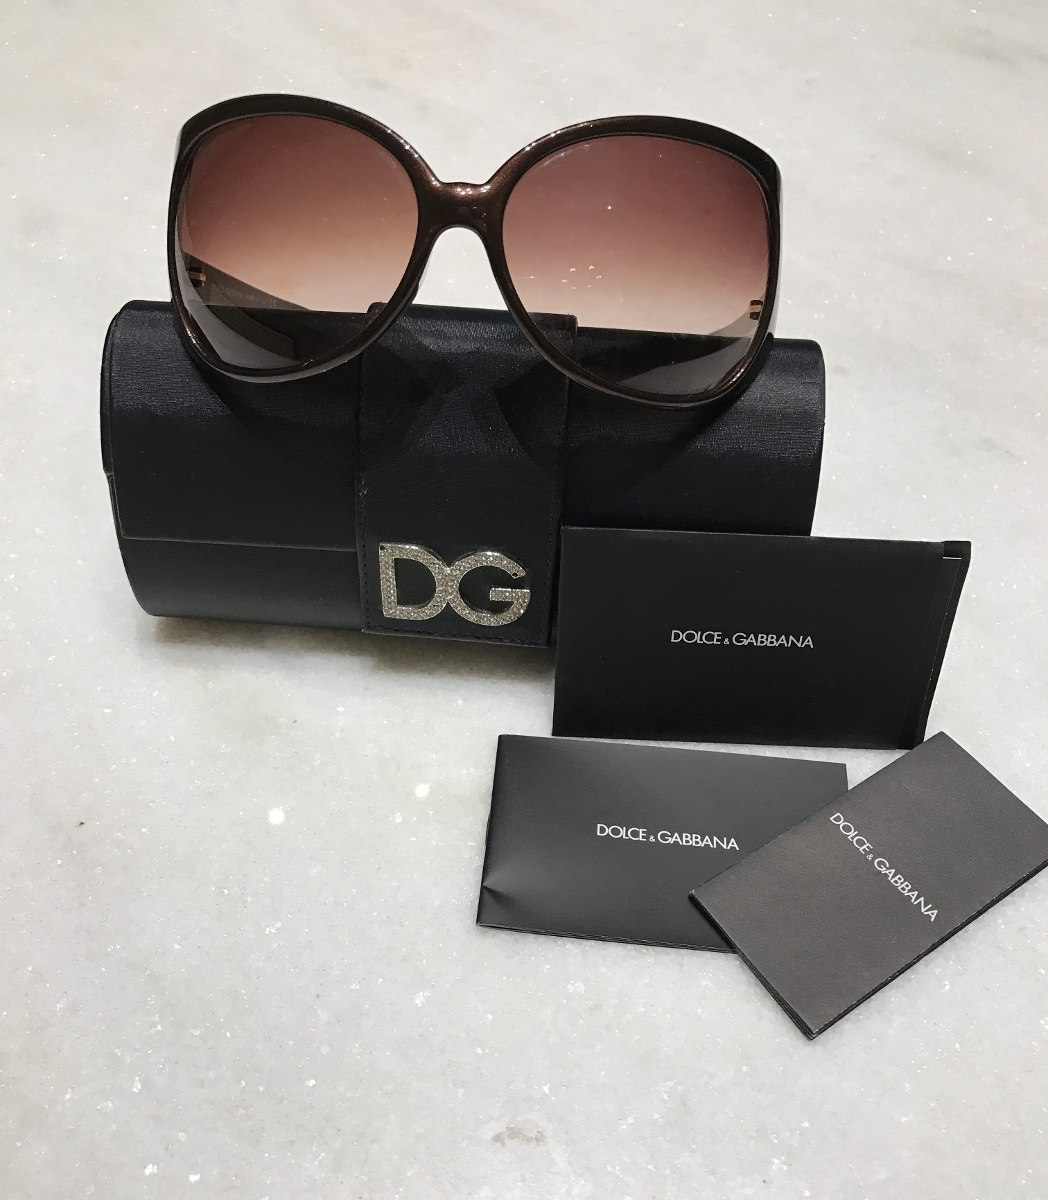 Óculos Dolce Gabbana Feminino Completo ! - R  560,00 em Mercado Livre 97193943b7